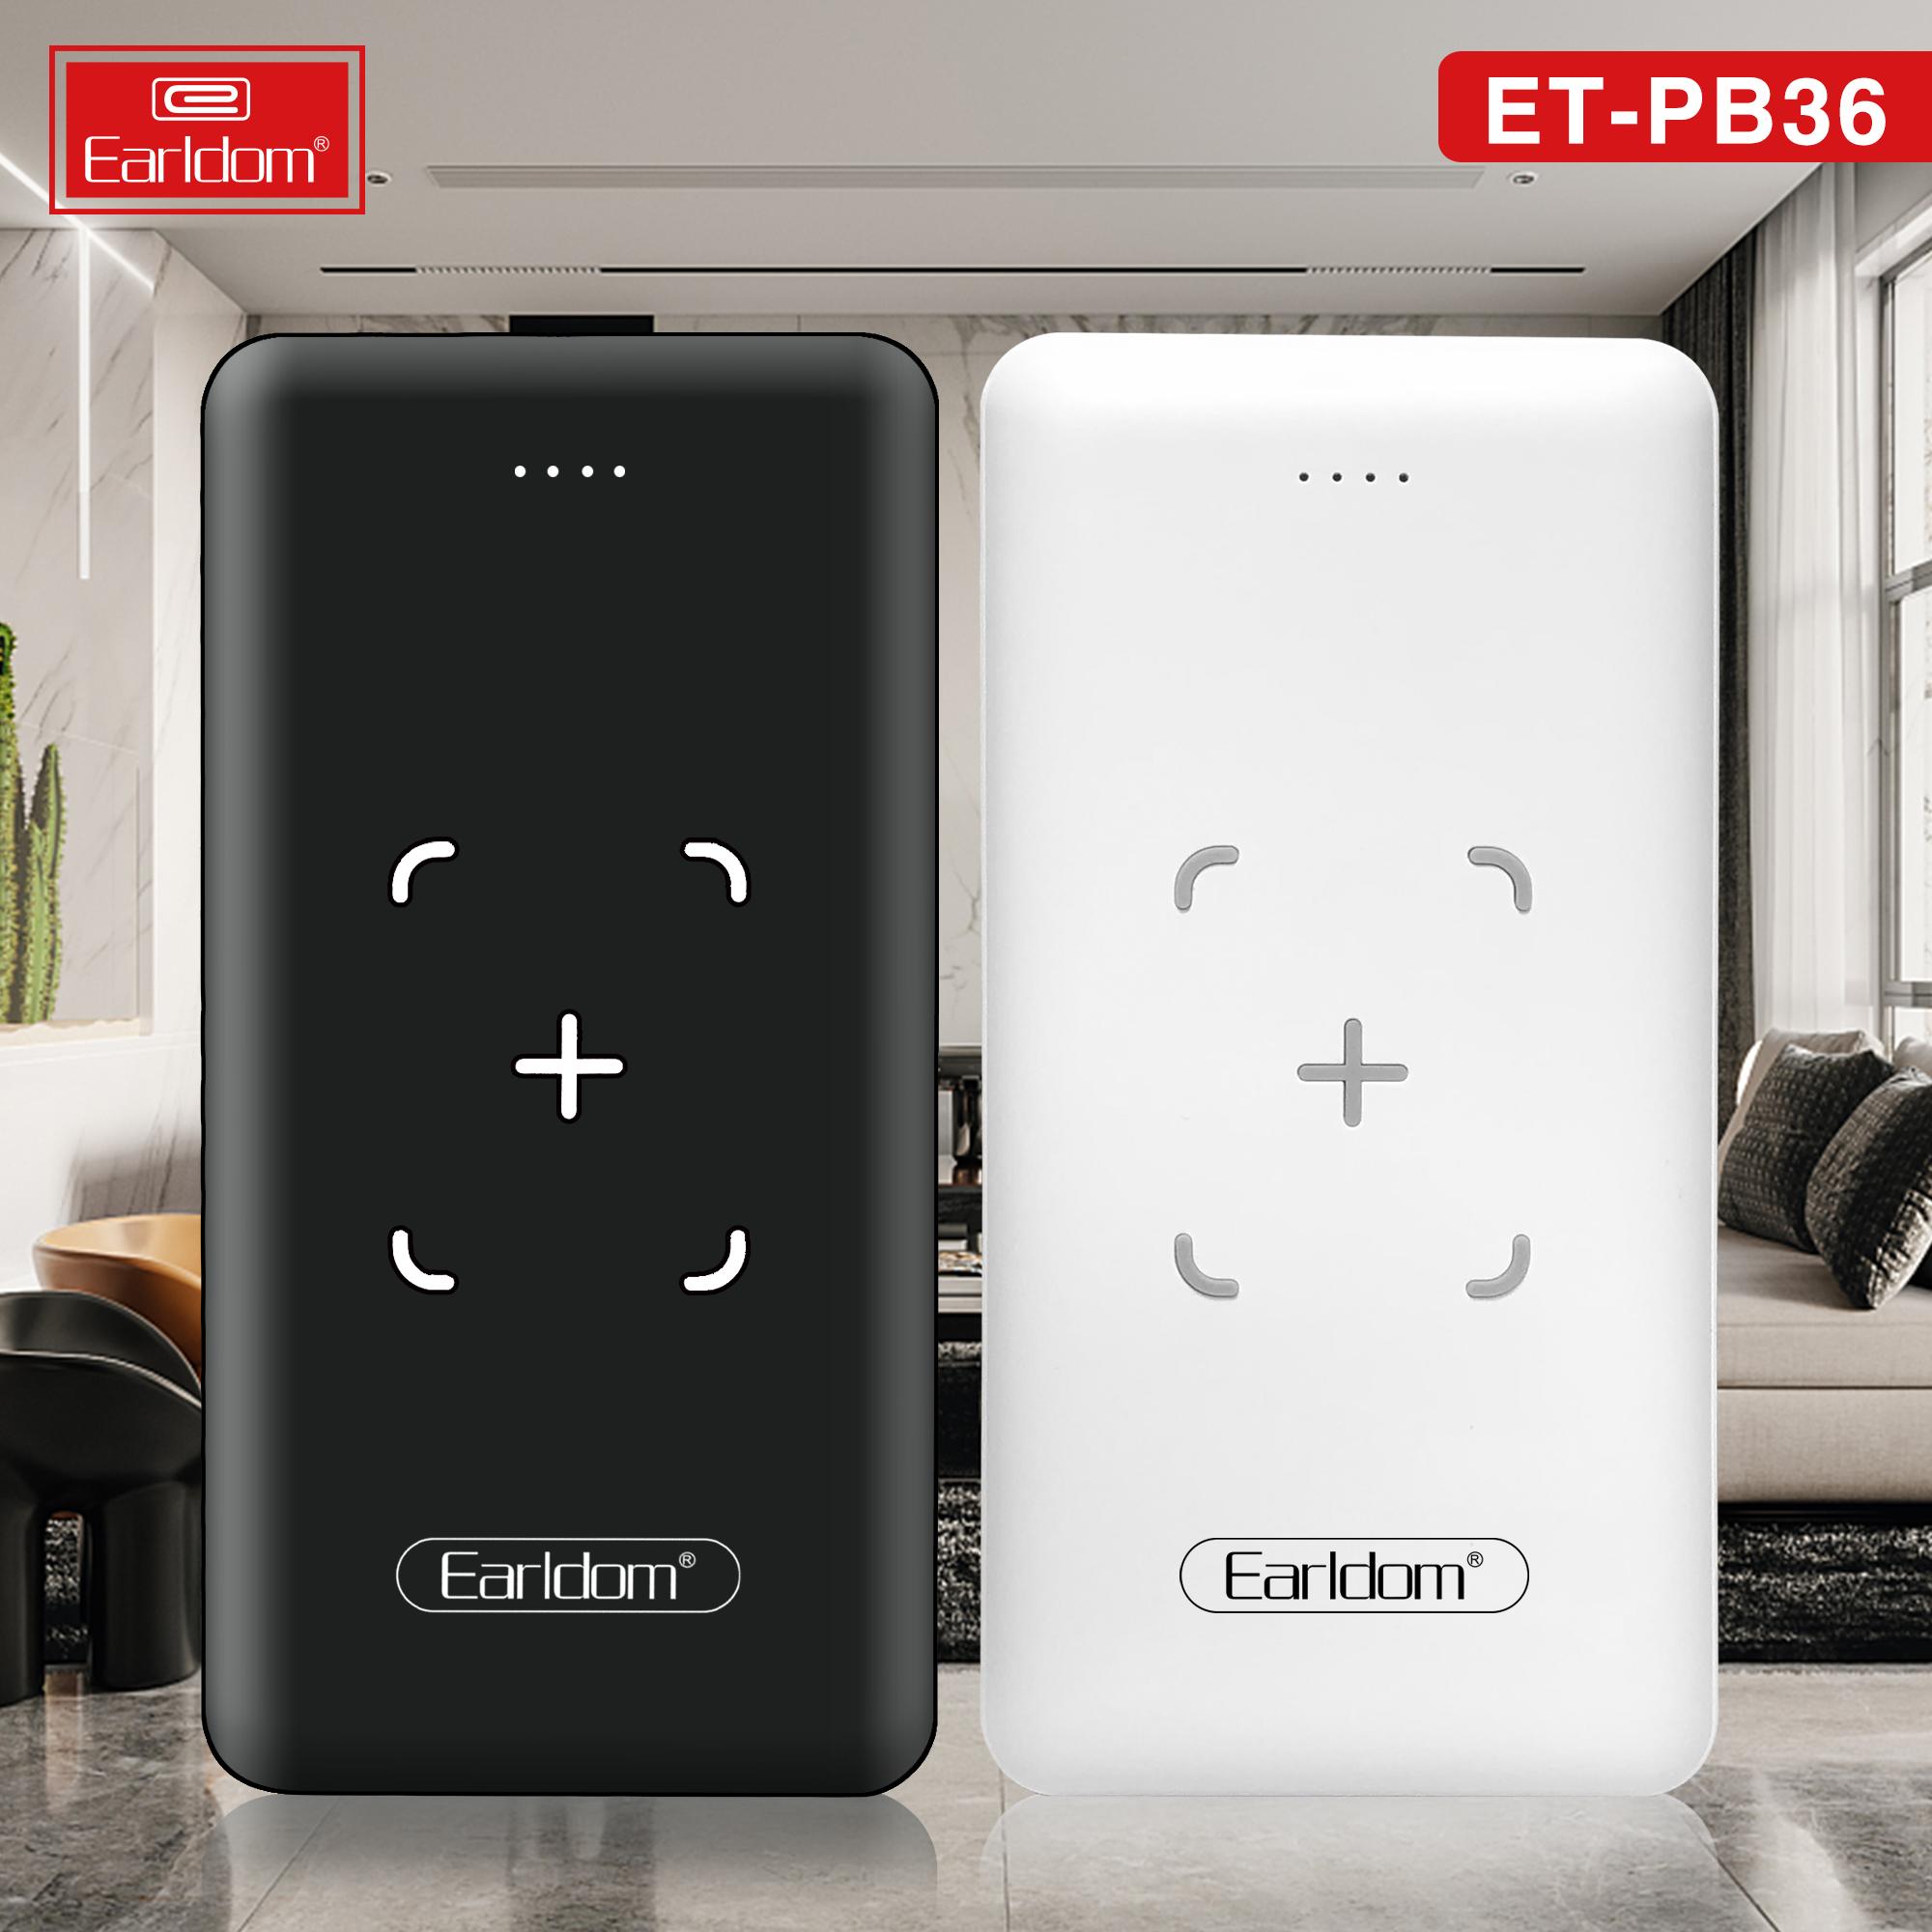 USB y DC 3 Puertos de Type-C Cargador para Tel/éfono Inteligente Compatible con Serie Ropa Calefactable Bater/ía Externa Port/átil con Pantalla LED IUREK Banco de Energ/ía 10000mAh